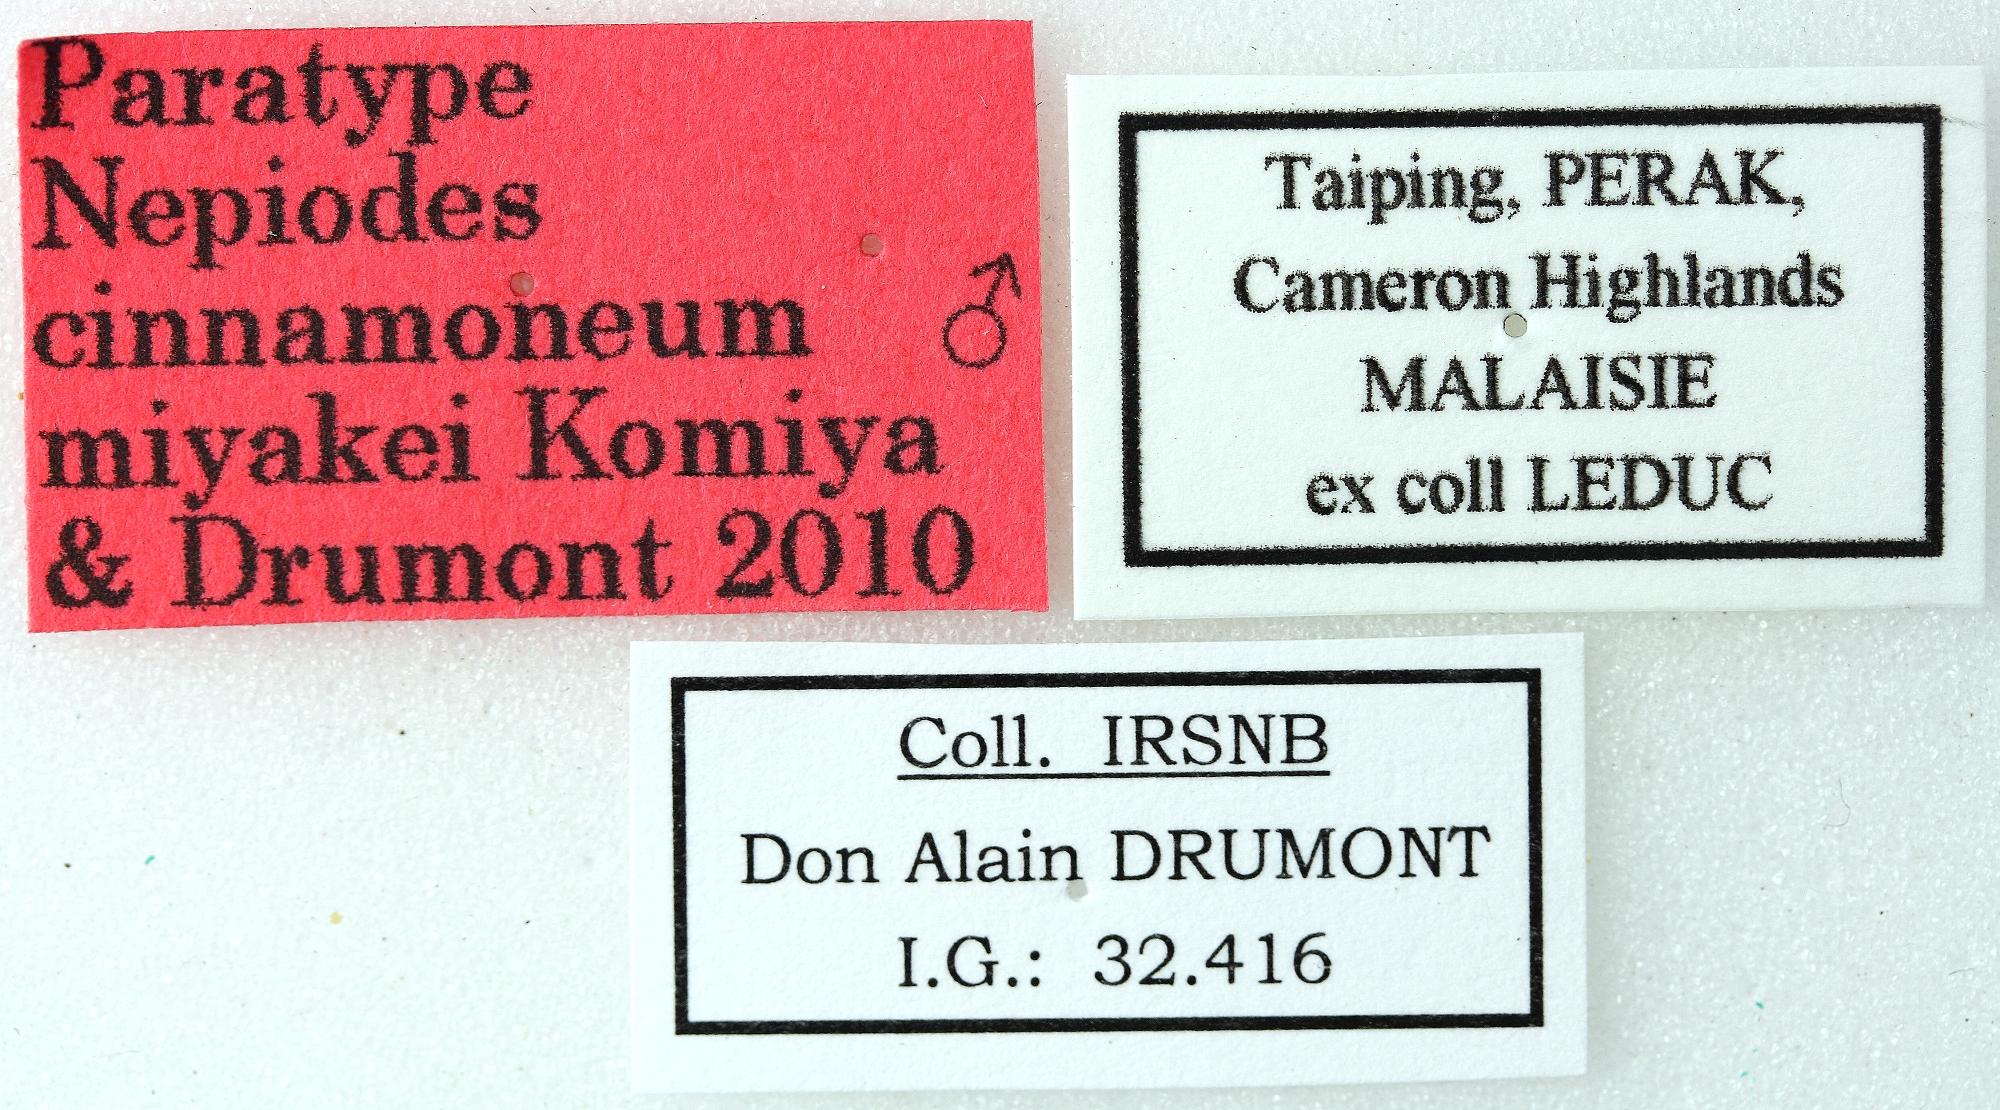 Nepiodes cinnamoneum miyakei 01 00 Paratype M-027 BRUS 201405.jpg